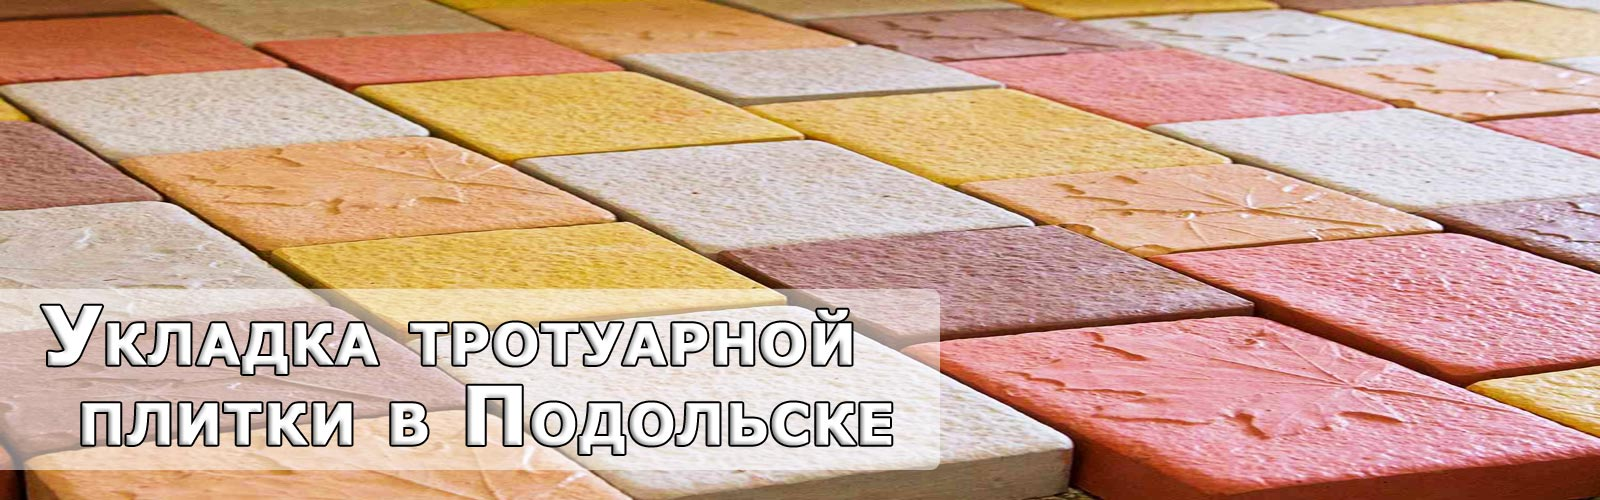 Тротуарная плитка Подольск